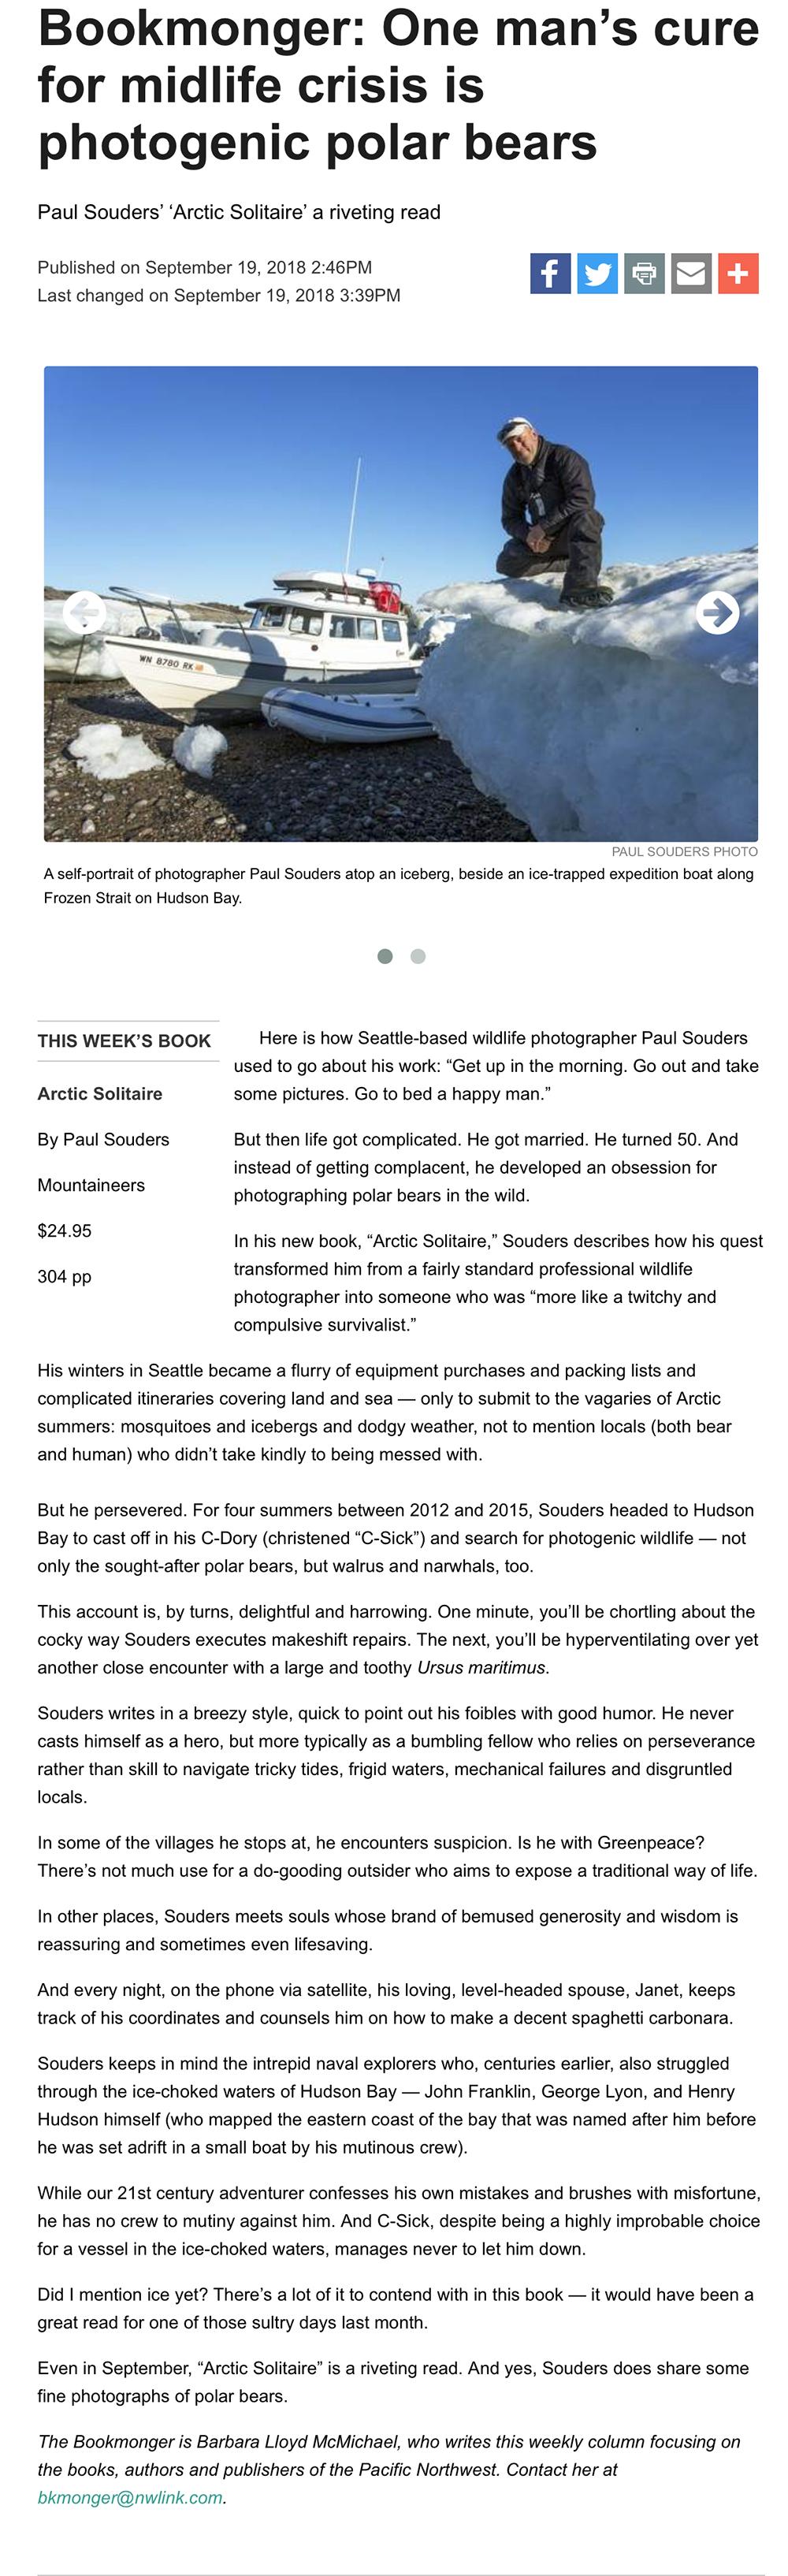 Bookmonger Review.jpg